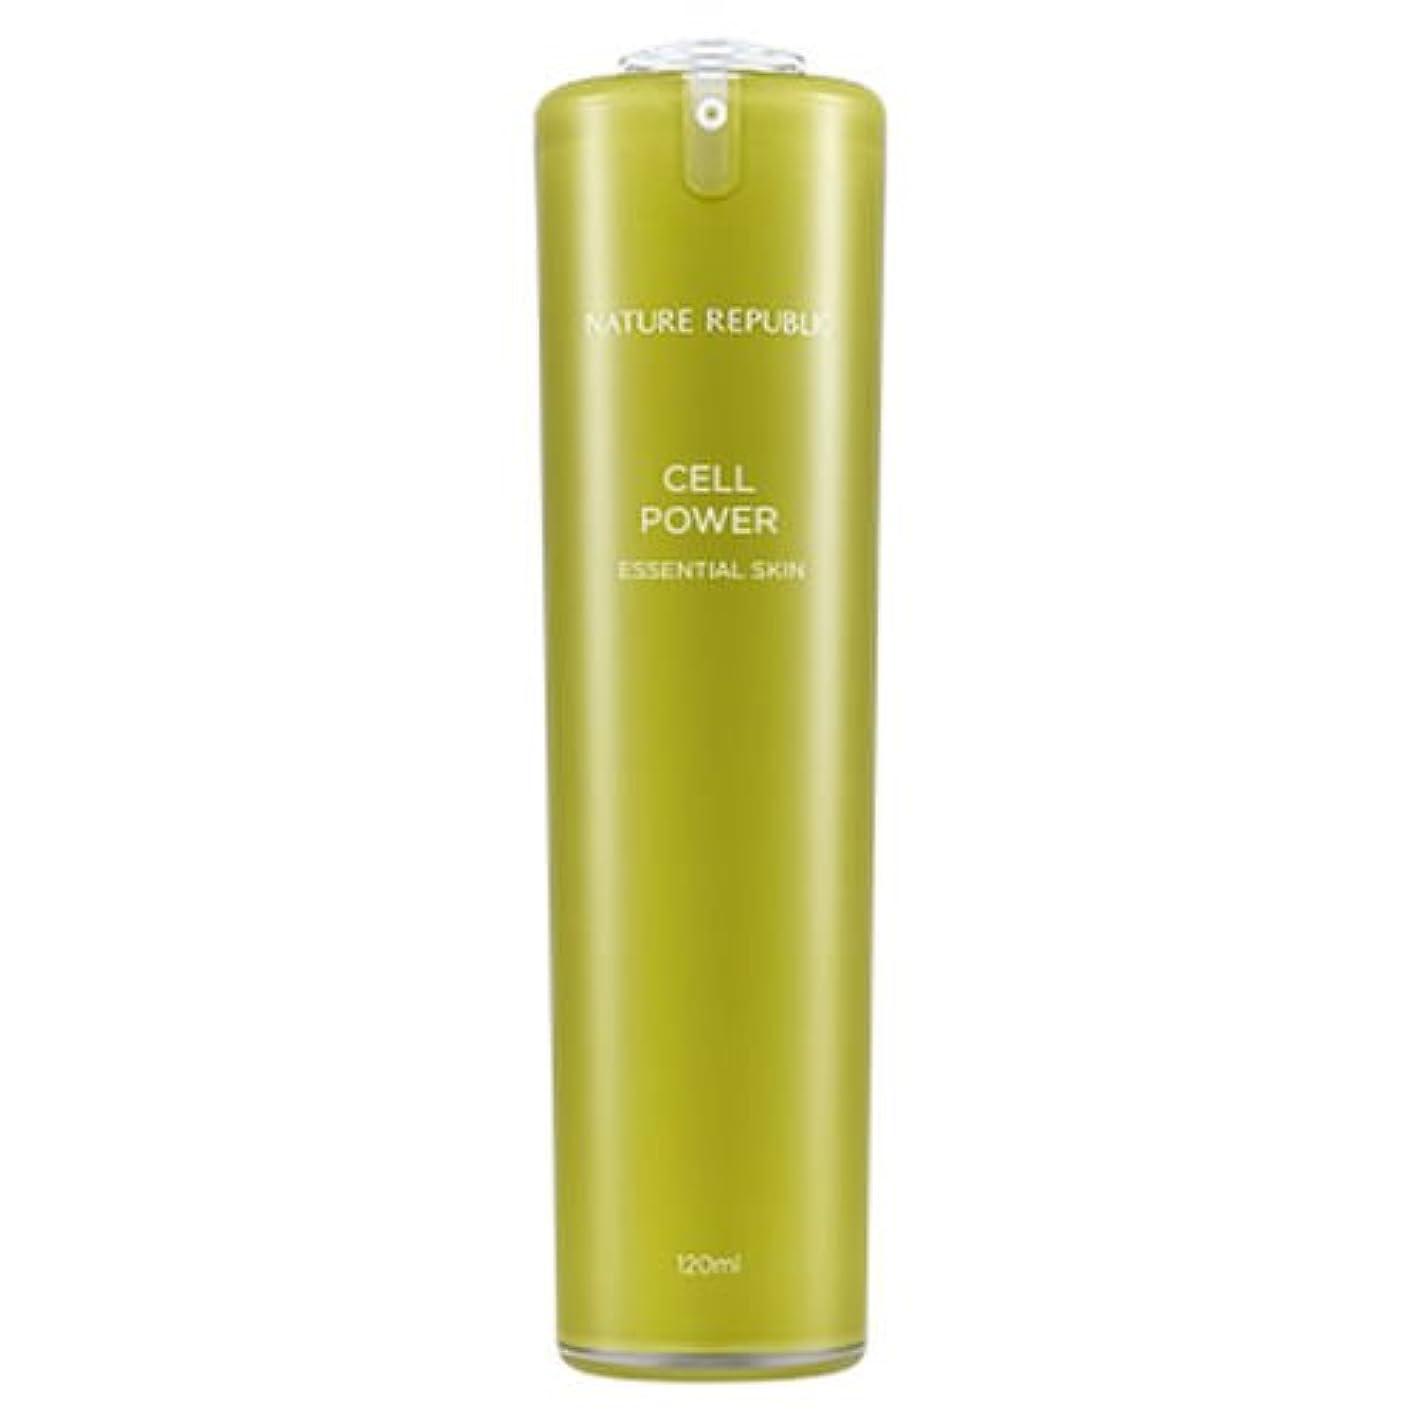 タッチヘルパー振る正規輸入品 NATURE REPUBLIC(ネイチャーリパブリック) CP エッセンシャルスキン 化粧水 120ml NJ1170